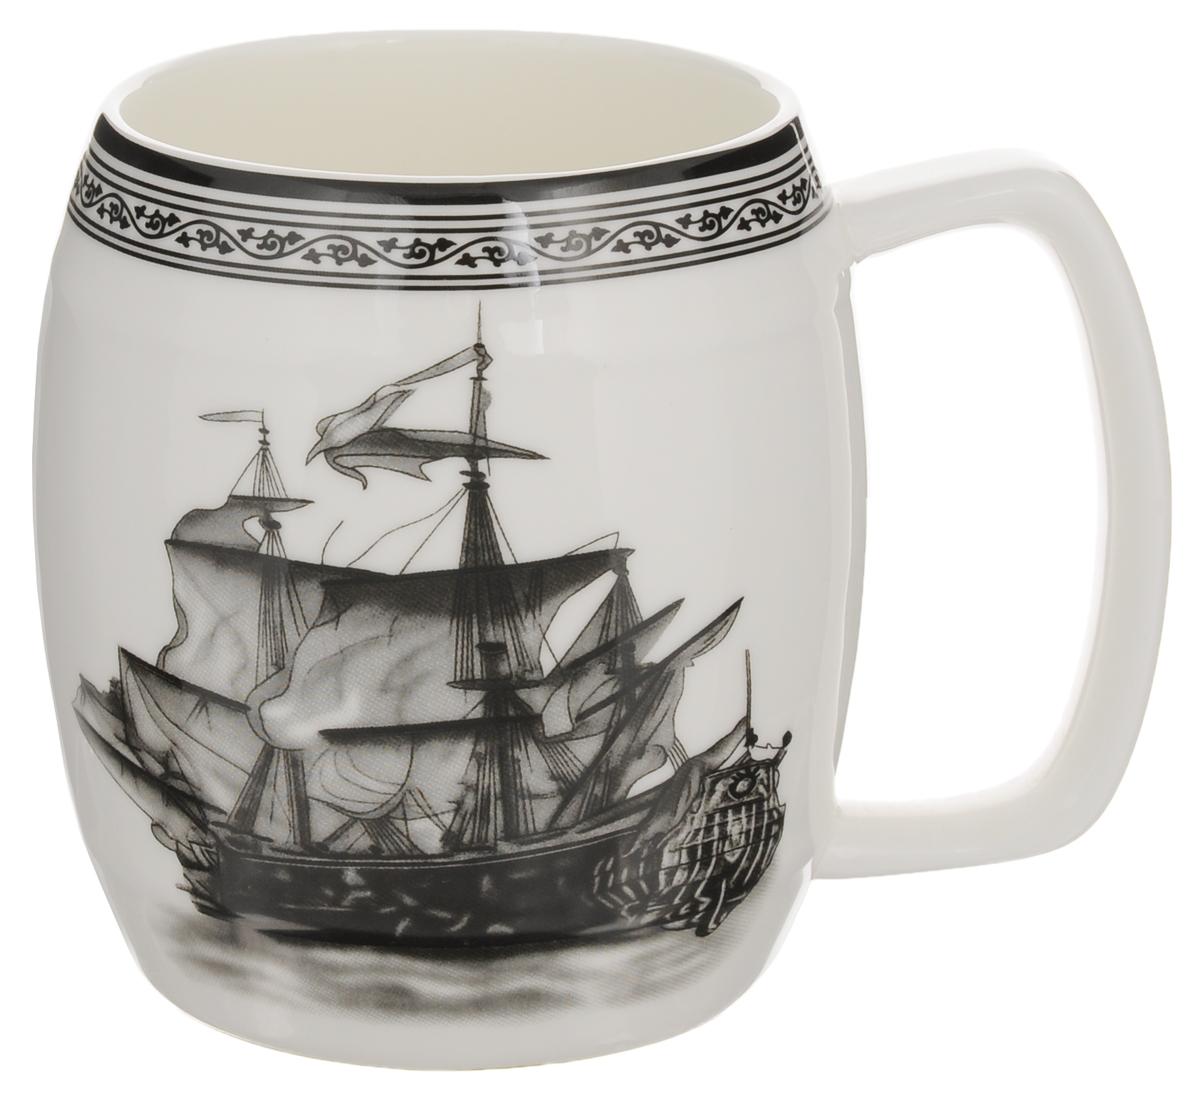 Кружка Elan Gallery Корабль, 700 мл530022Кружка Elan Gallery Корабль, изготовленная из высококачественной керамики, подходит для тех, кто предпочитает большие кружки и для любителей чая, кофе и пенных напитков.Изделие сочетает в себе изысканный дизайн с максимальной функциональностью. Такая кружка станет оригинальным подарком для ваших родных и близких. Диаметр кружки (по верхнему краю): 8,8 см.Высота кружки: 11,5 см.